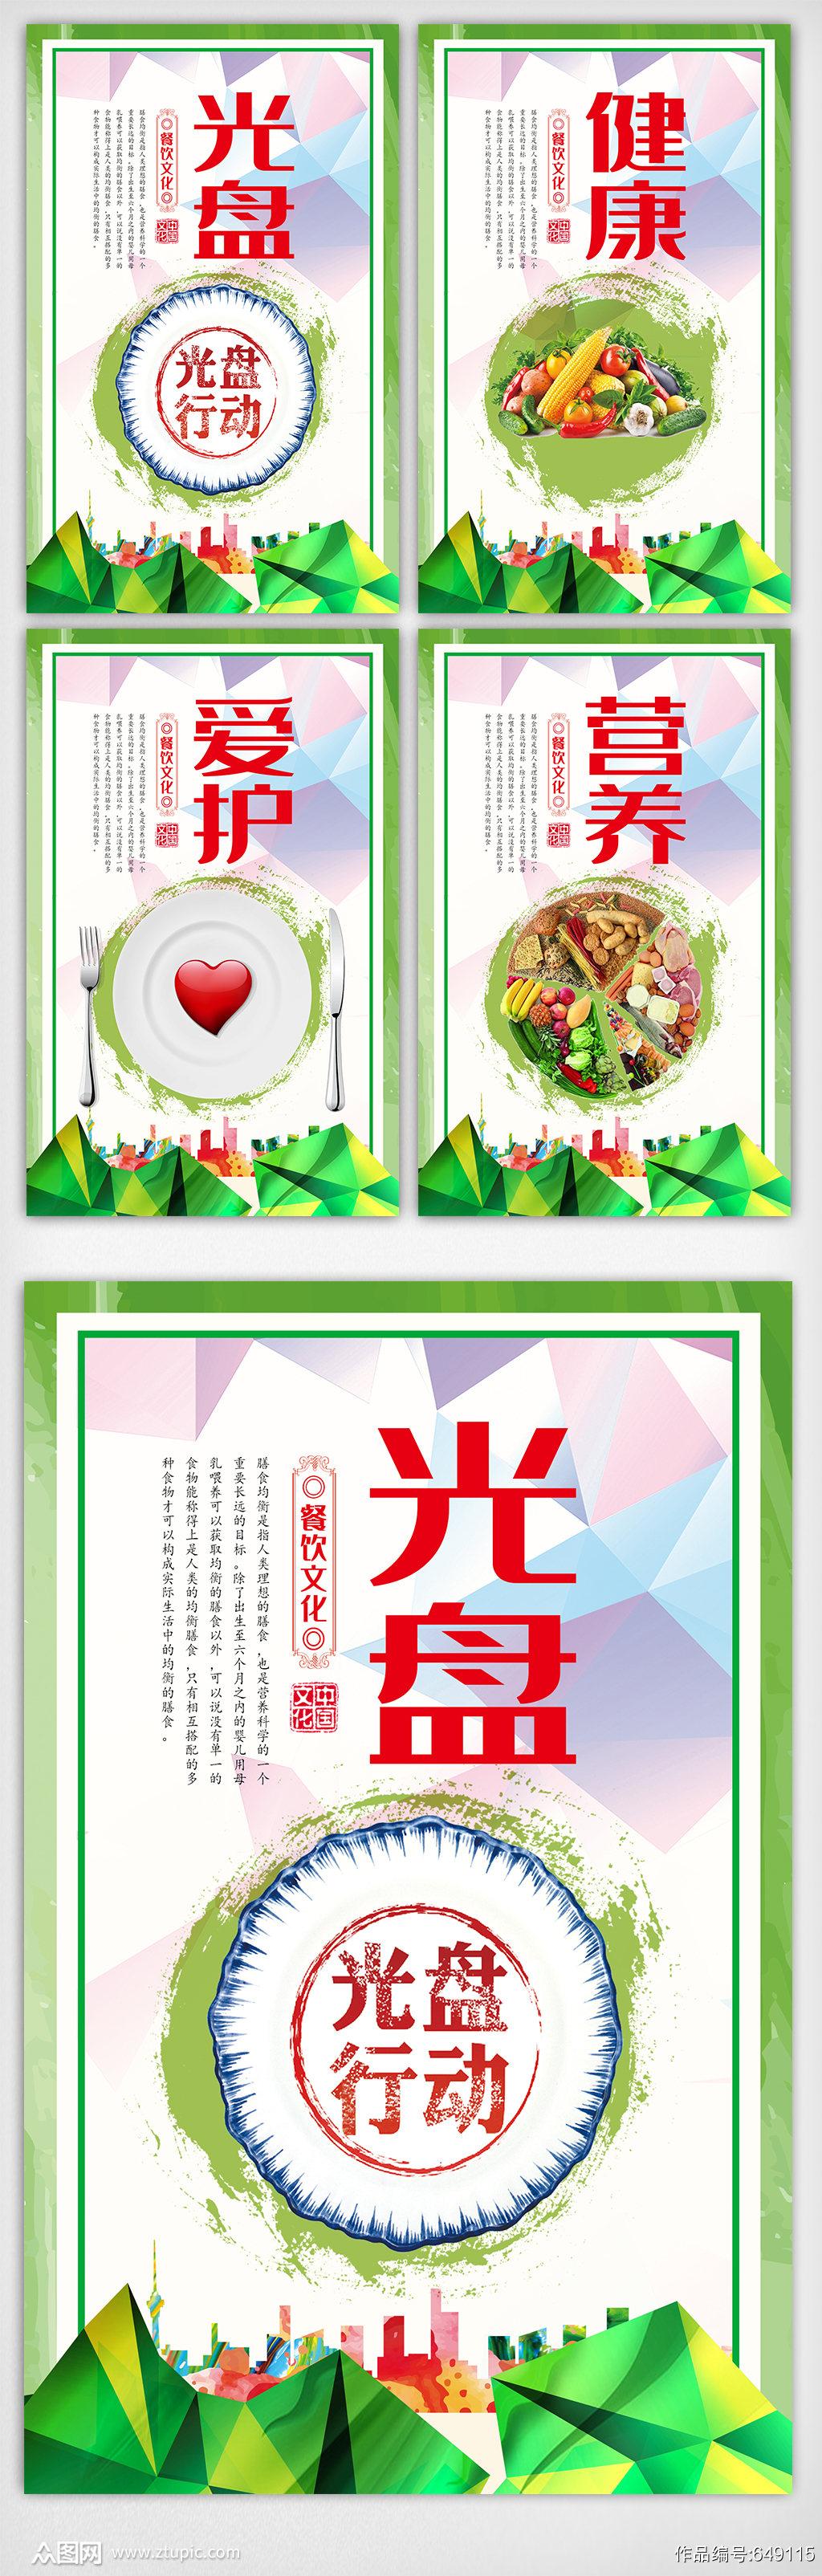 高端创意食堂文化挂画内容展板素材